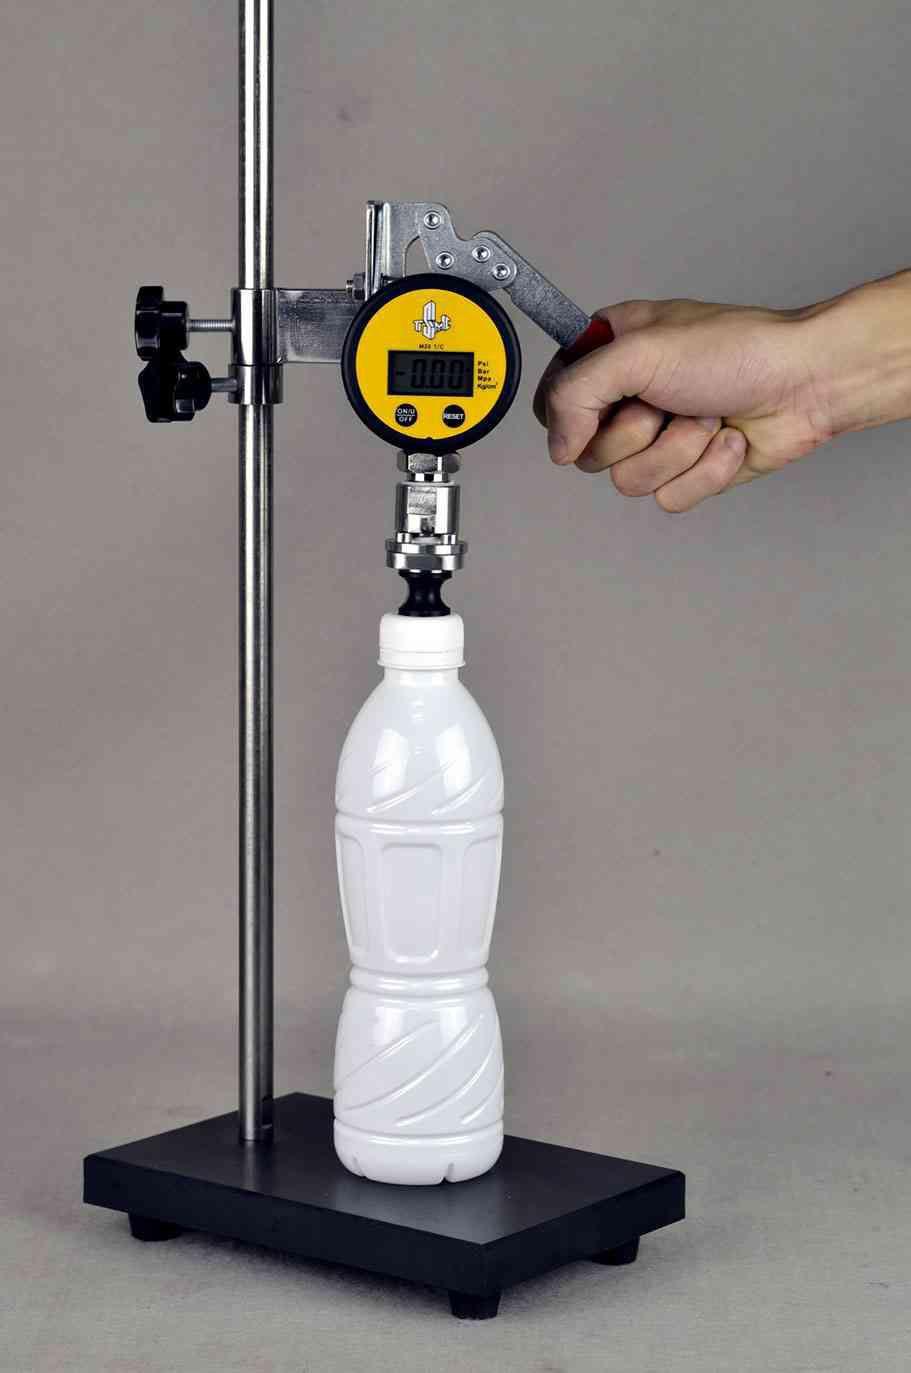 PVG-A AT2E,Thiết bị đo áp suất chân không trong chai, pet AT2E